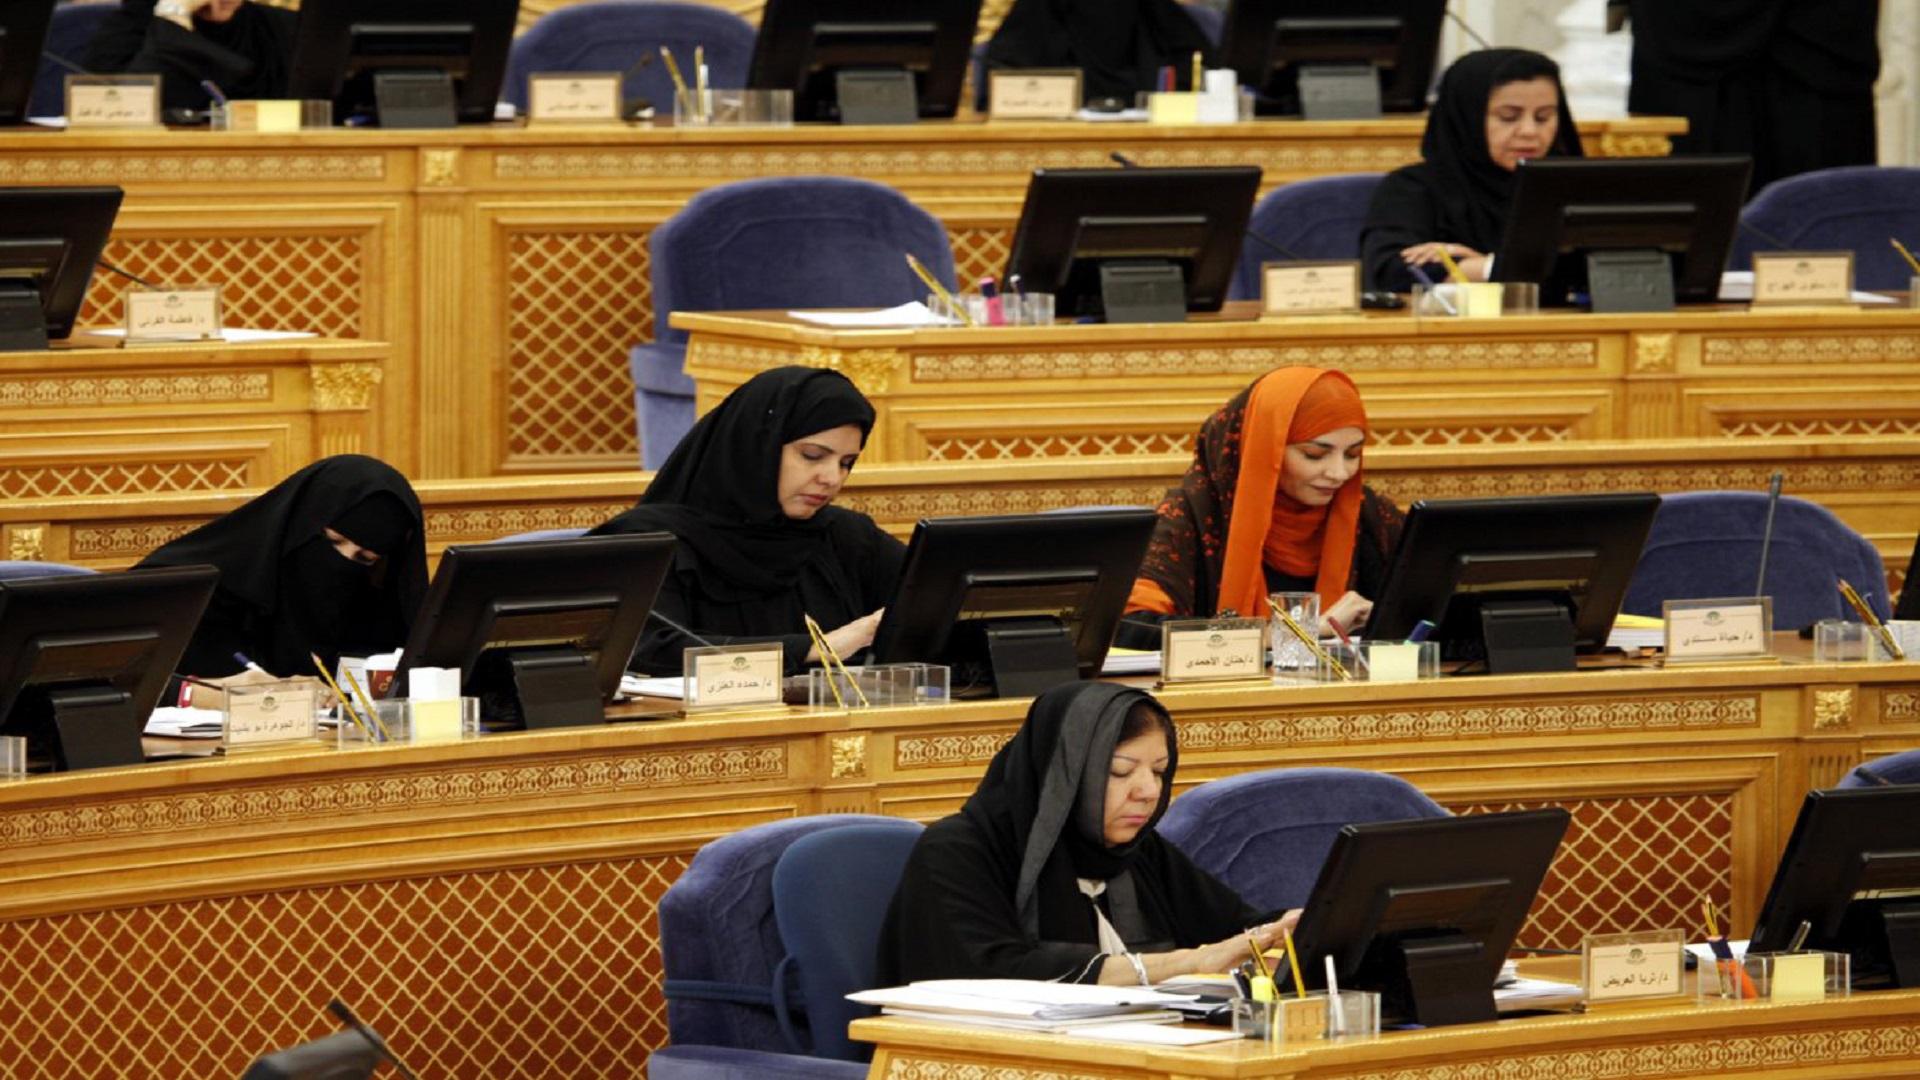 هل سيُسمَح للمرأة السعودية أخيراً قيادة السيارة؟